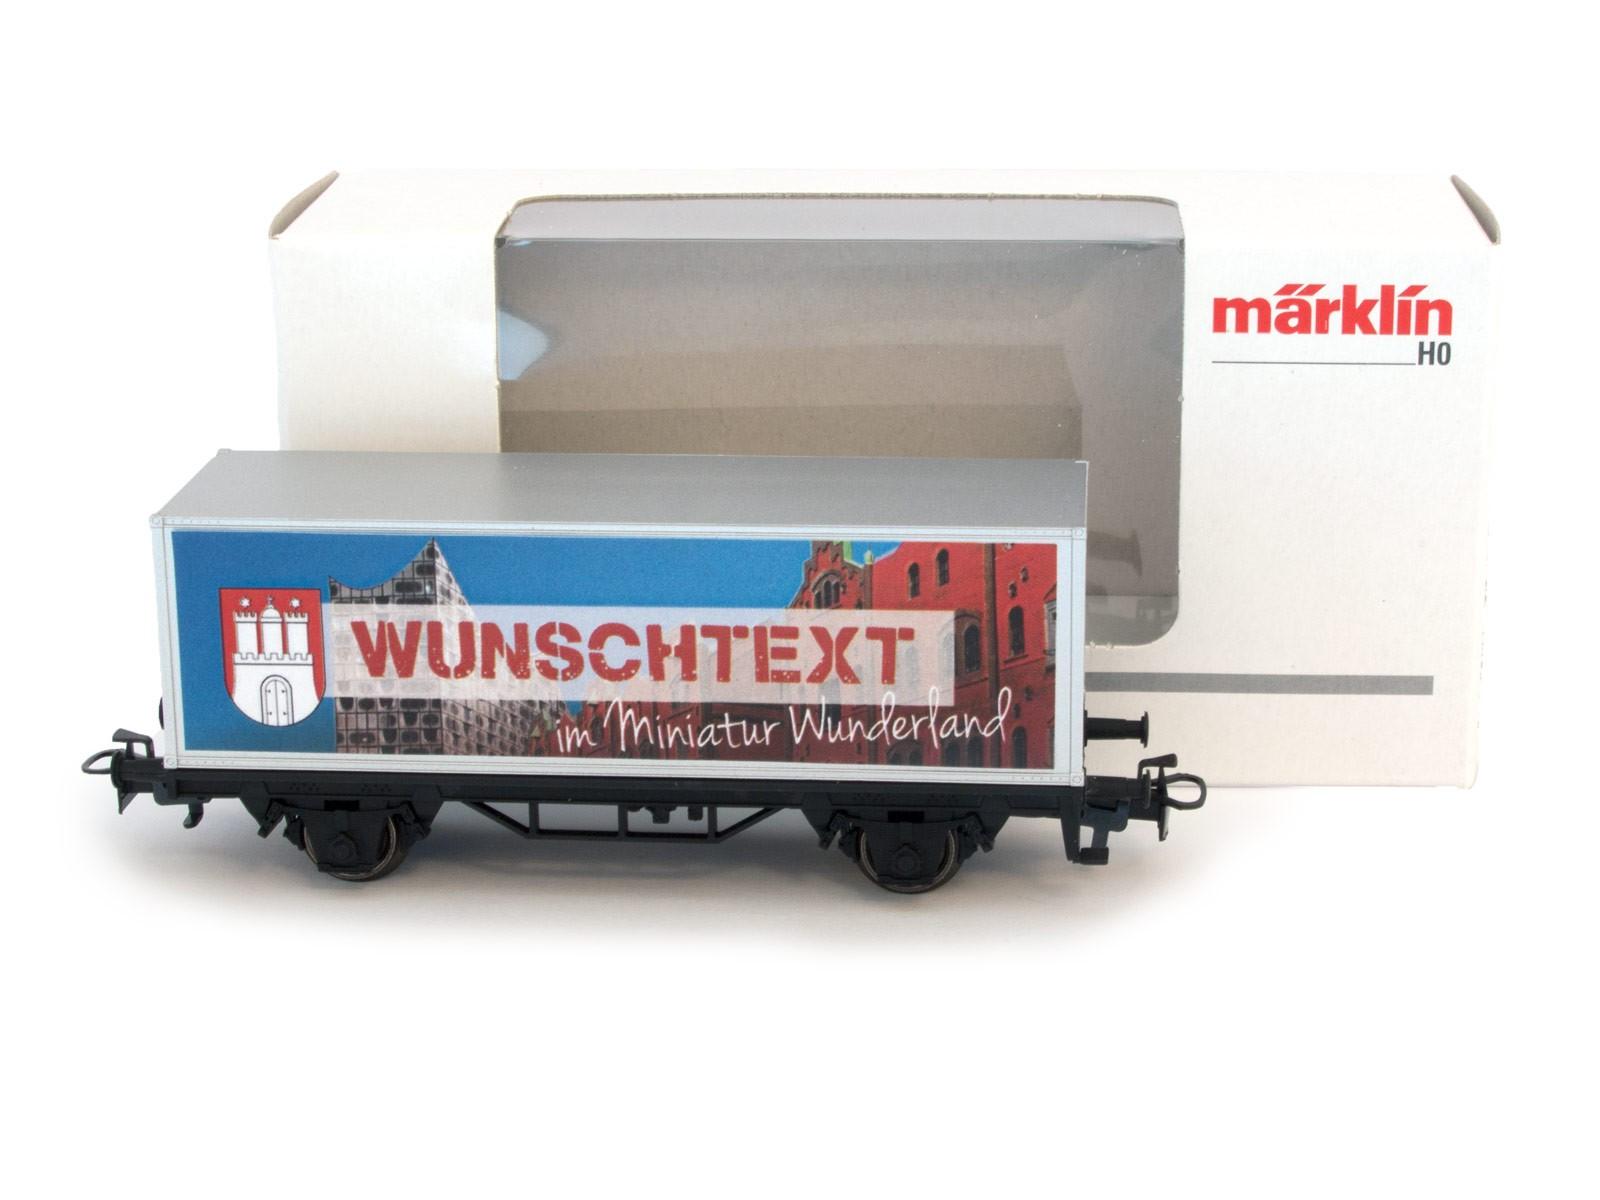 Miniatur Wunderland / Märklin H0 Sonderwaggon mit ihrem WUNSCHNAMEN